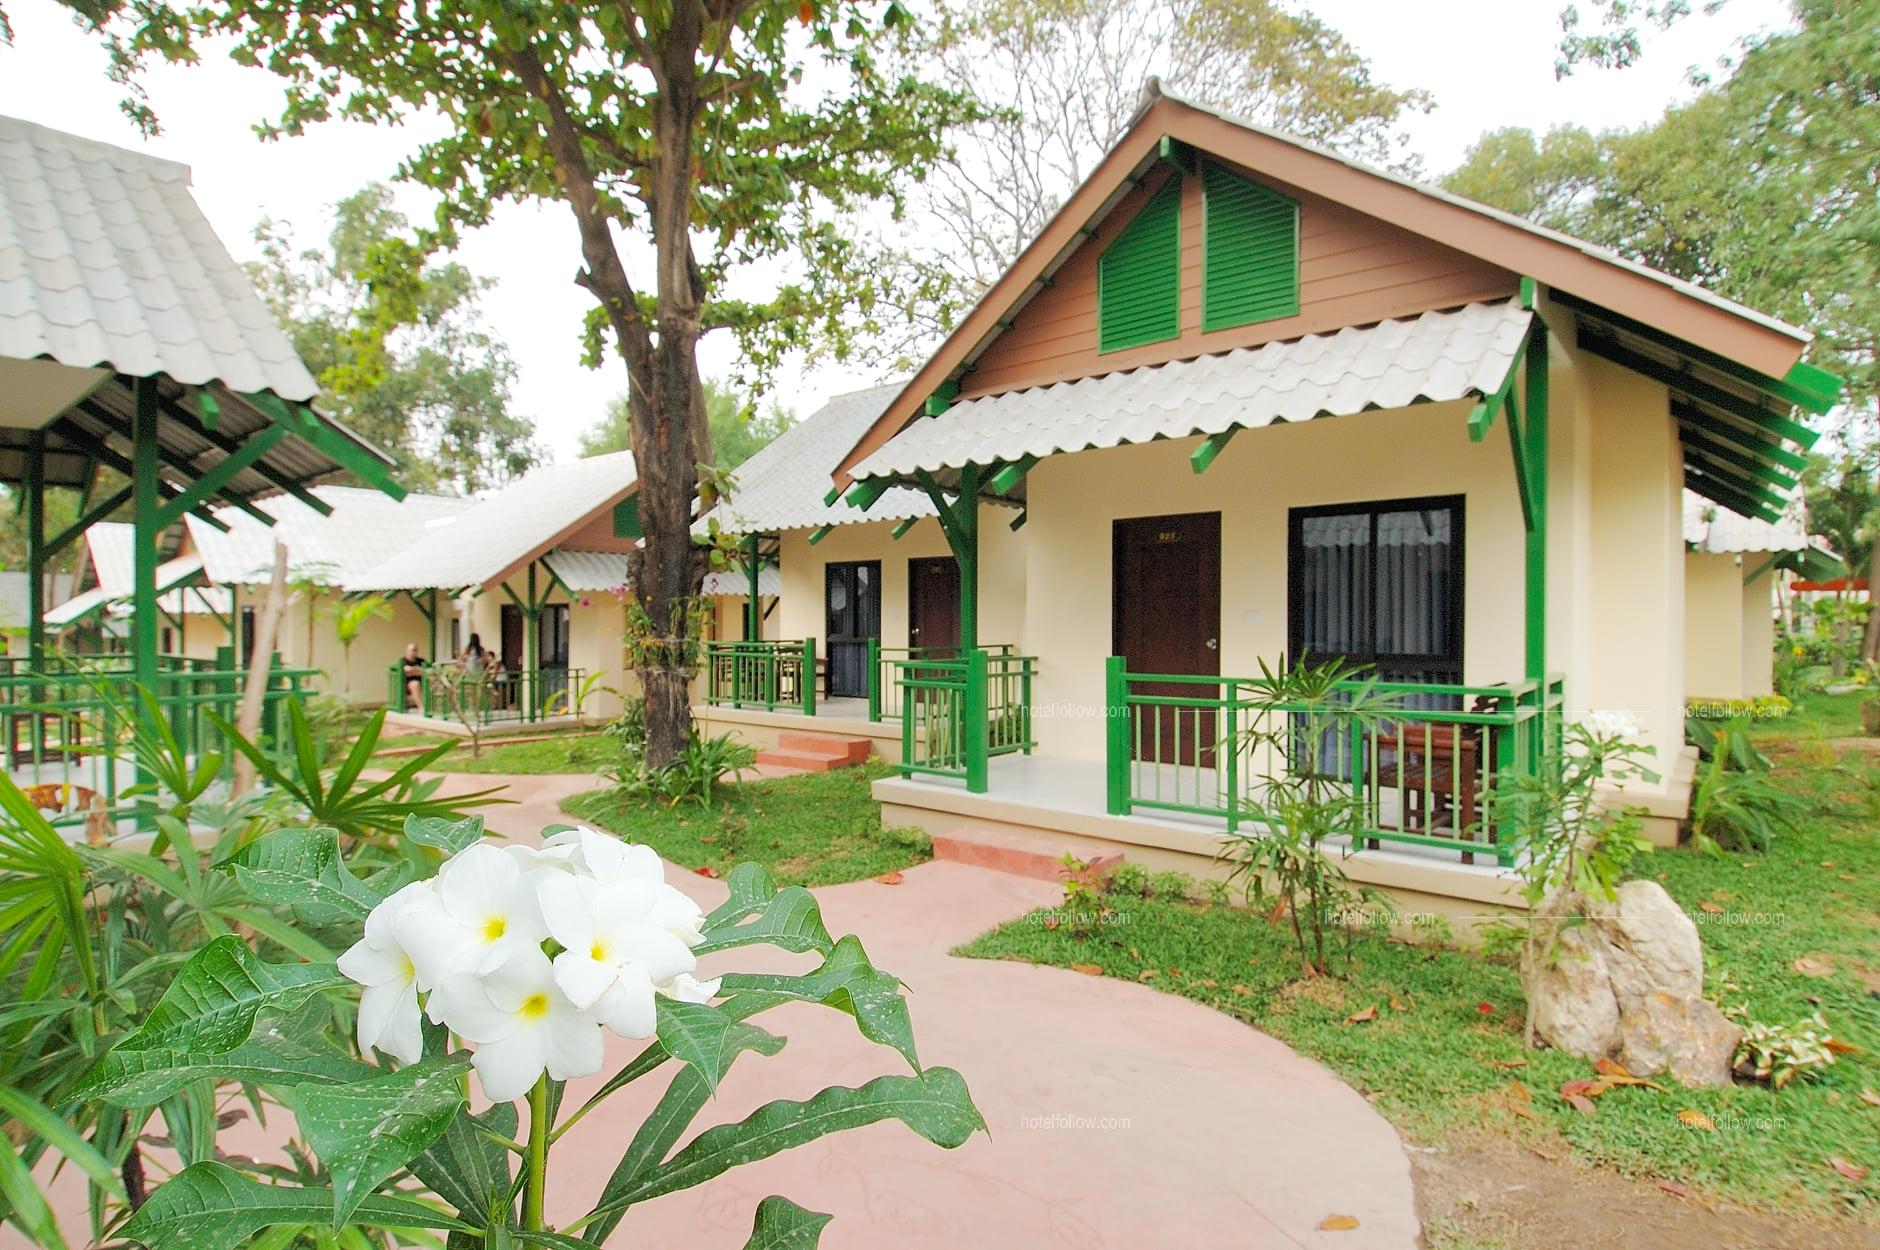 รูปของโรงแรม โรงแรม พัทยาการ์เด้น  พัทยาเหนือ ชลบุรี